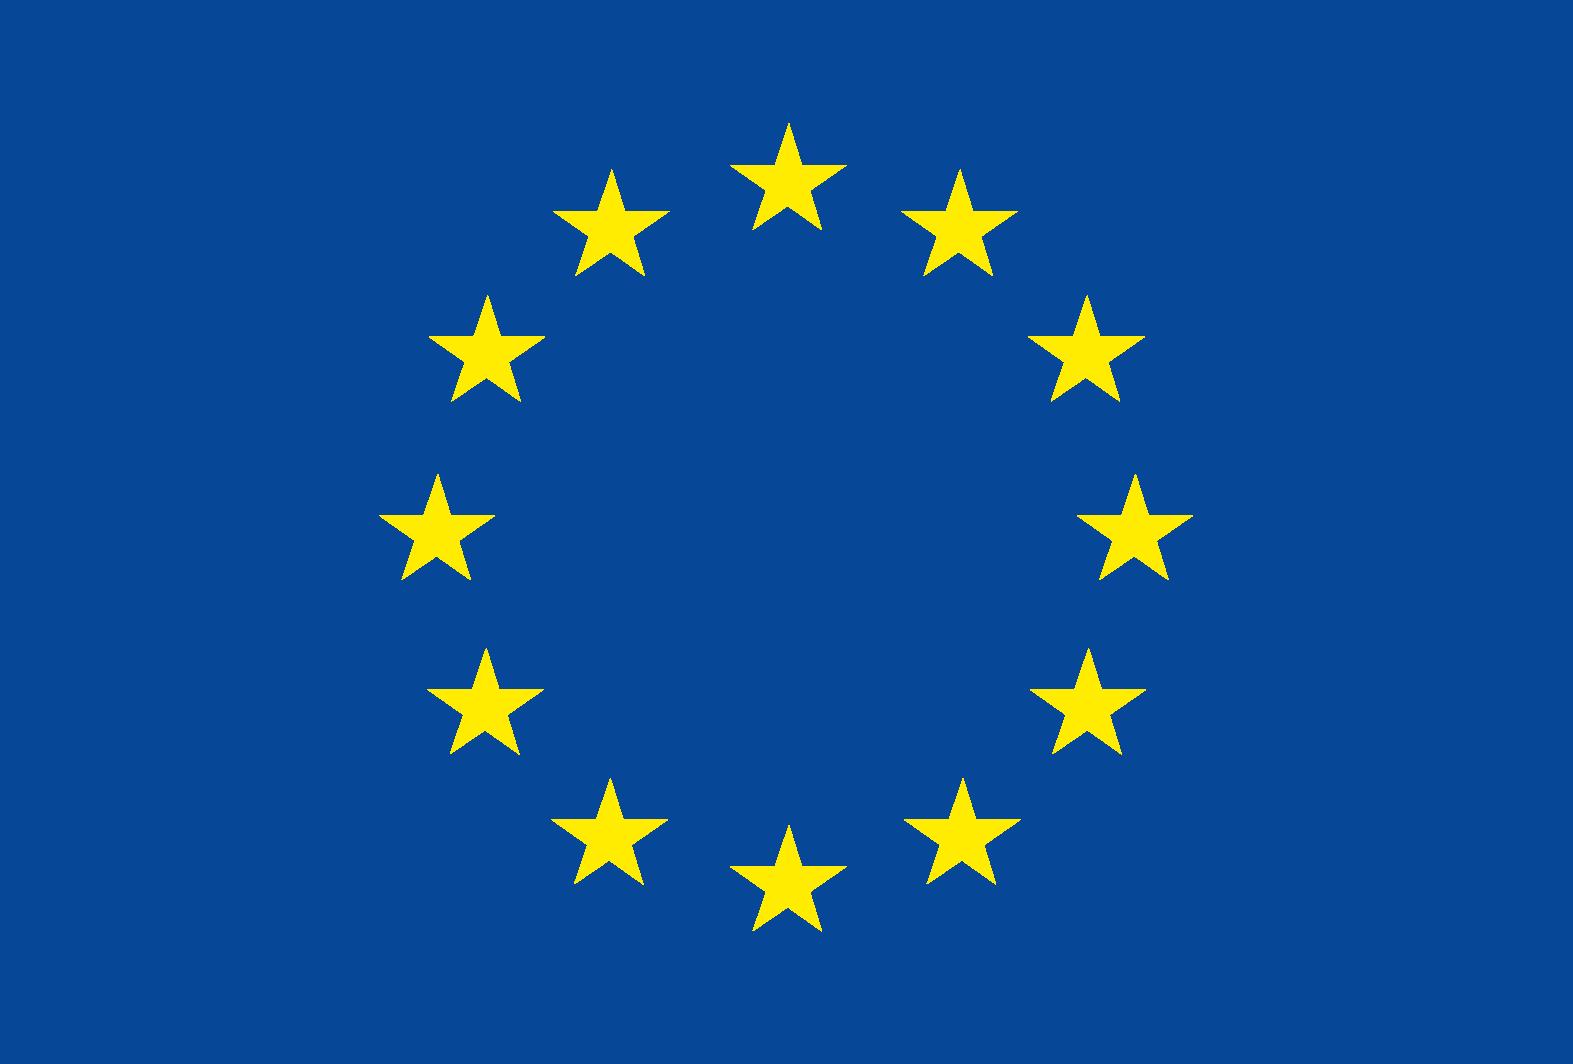 The European Union (EU) Logo